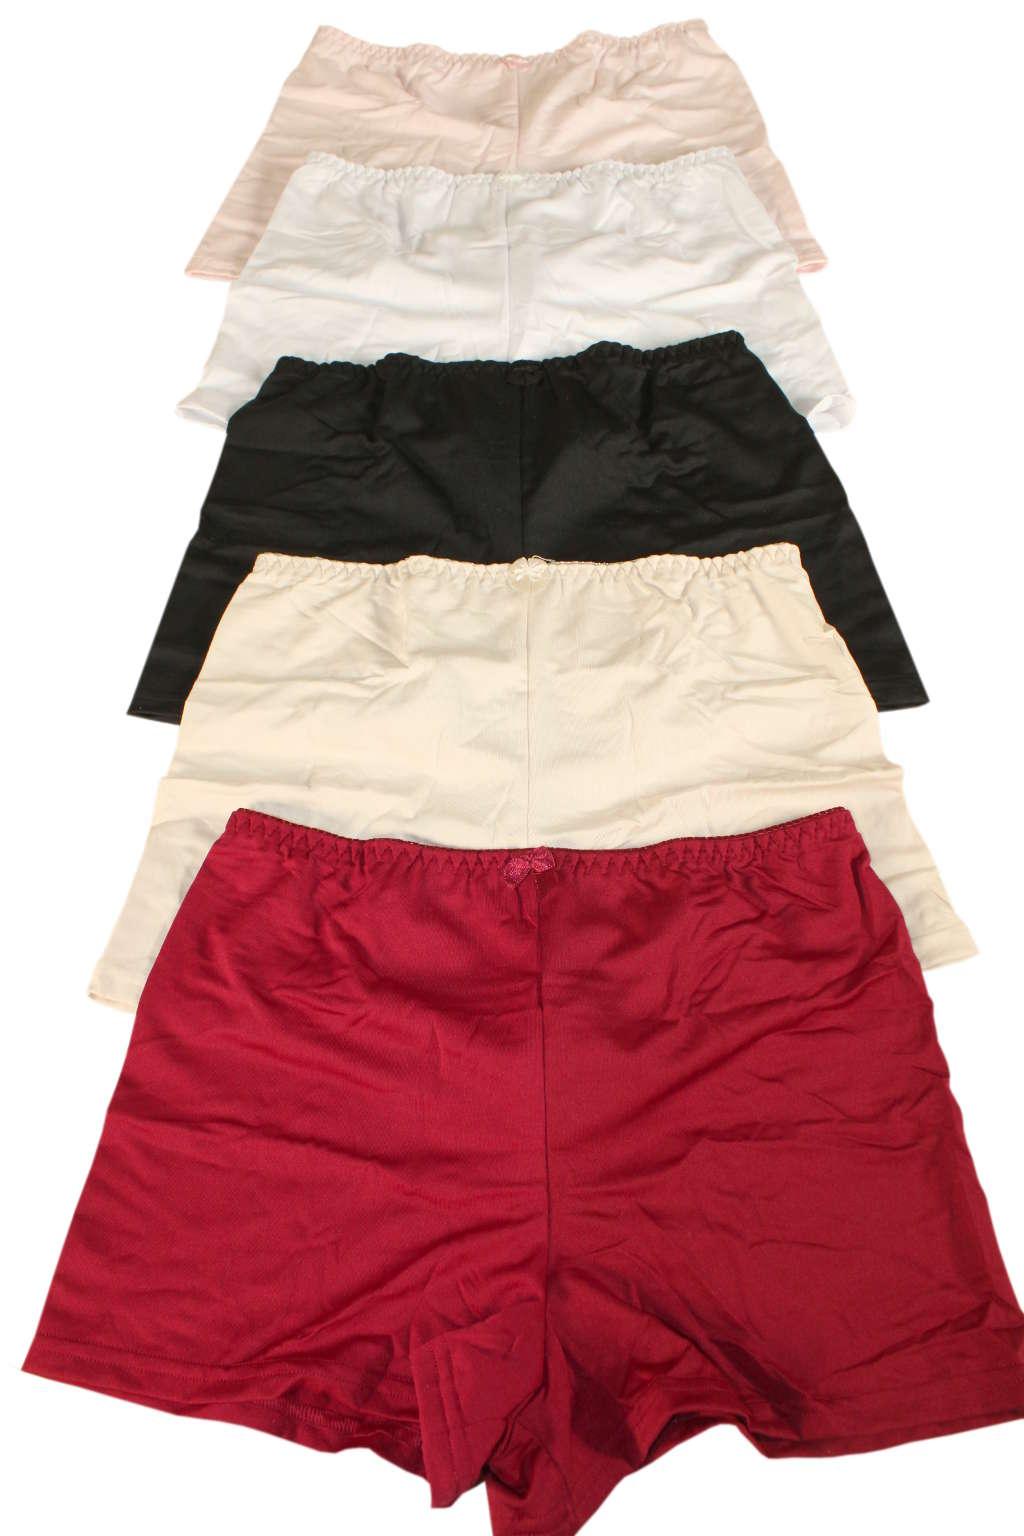 Stripes spodní kalhotky dámské - 3bal MIX L